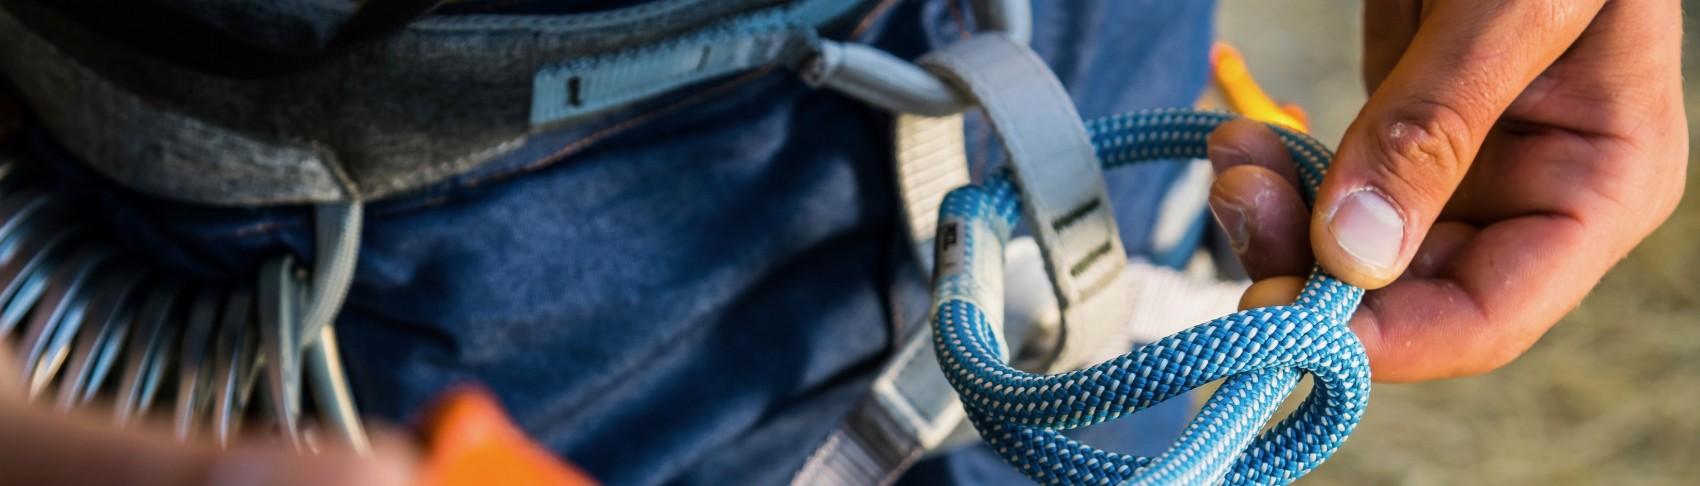 Chalkbags/Seiltaschen